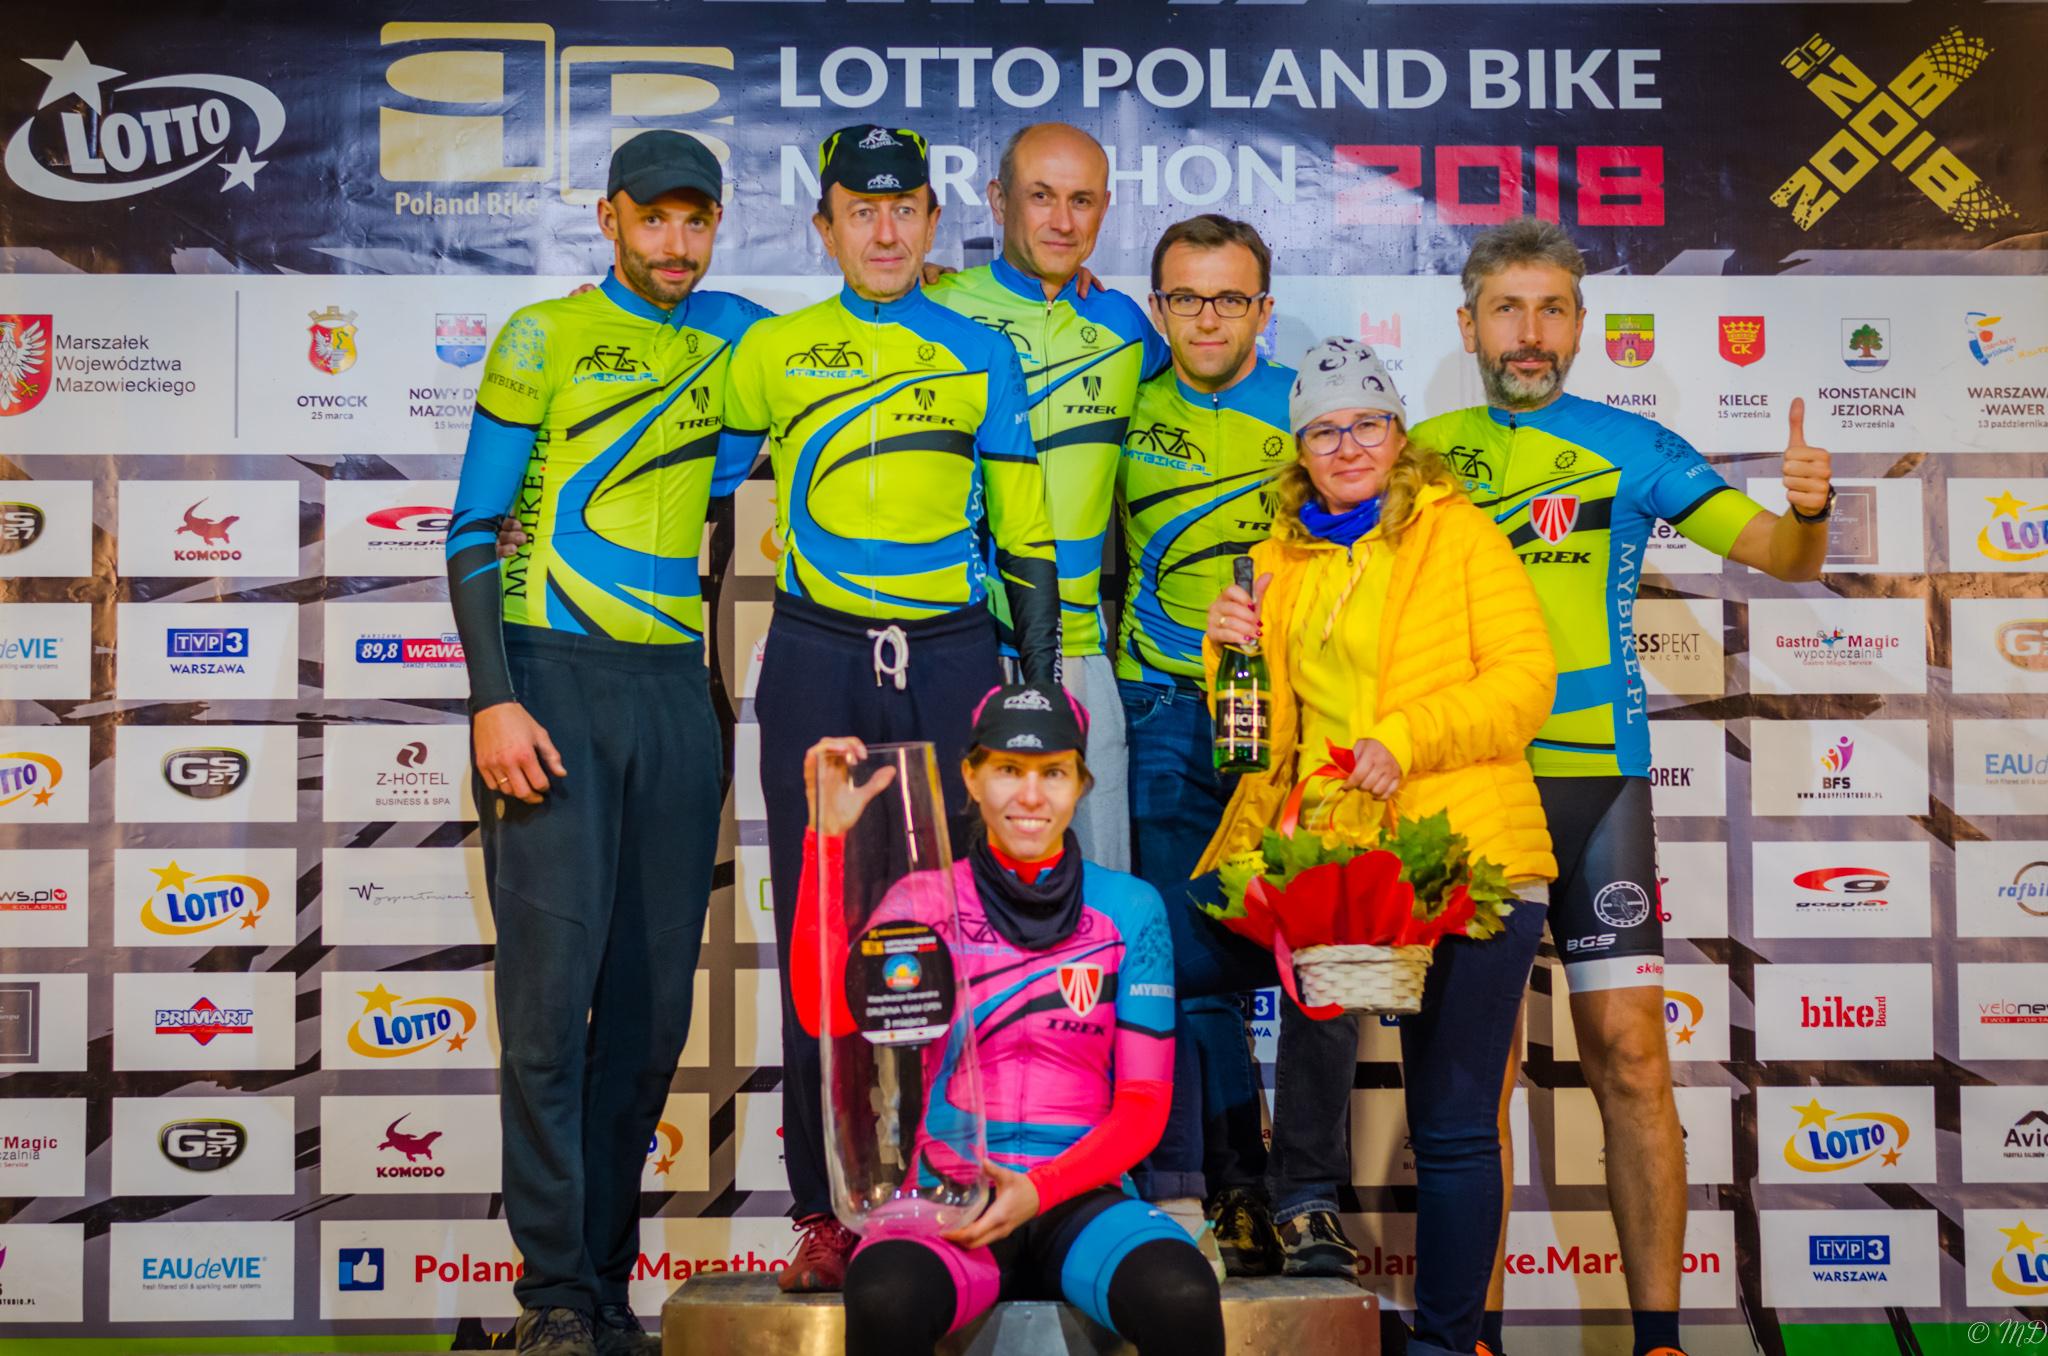 Wawer czyli wisienka na torcie w cyklu Poland Bike